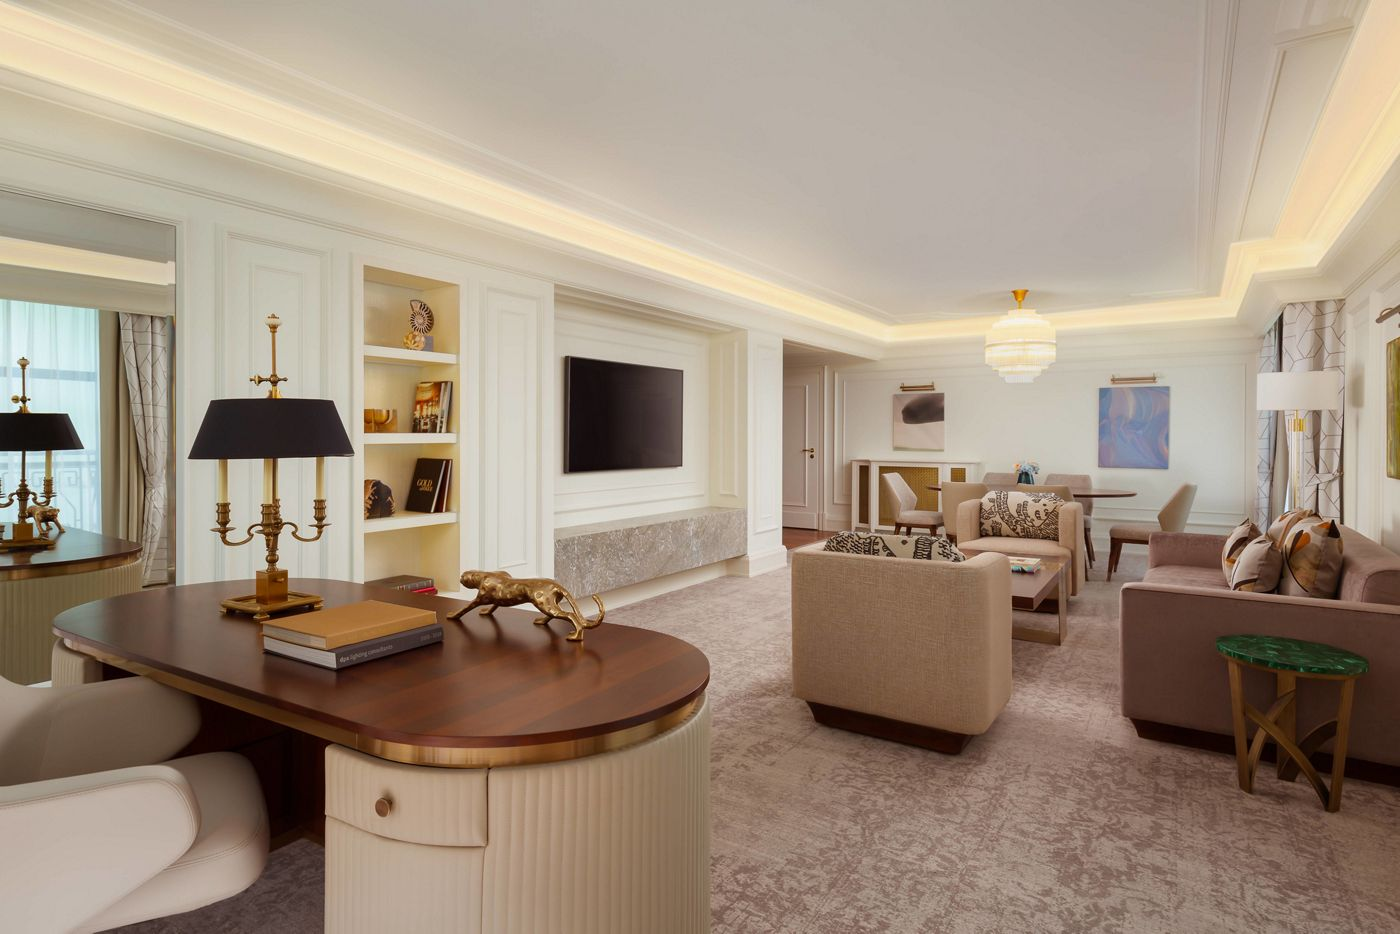 Полное переосмысление. В The Ritz-Carlton, Moscow обновили номера и представительские люксы